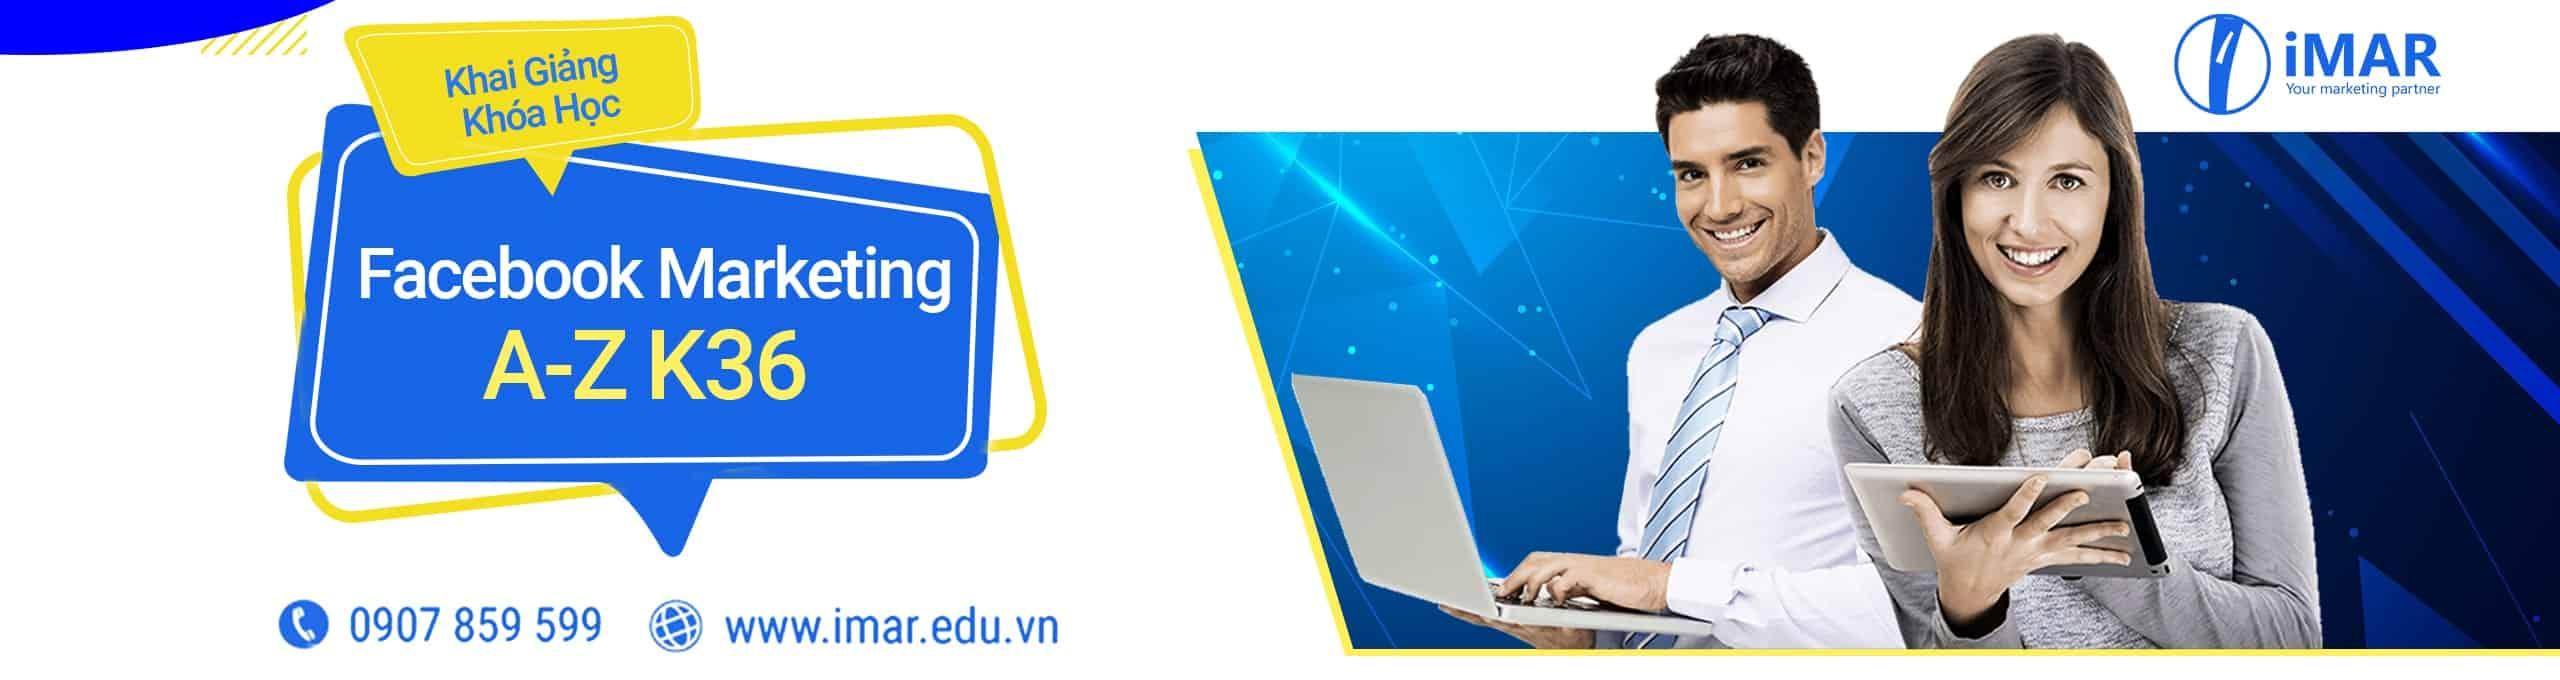 K36.imar.vn-min